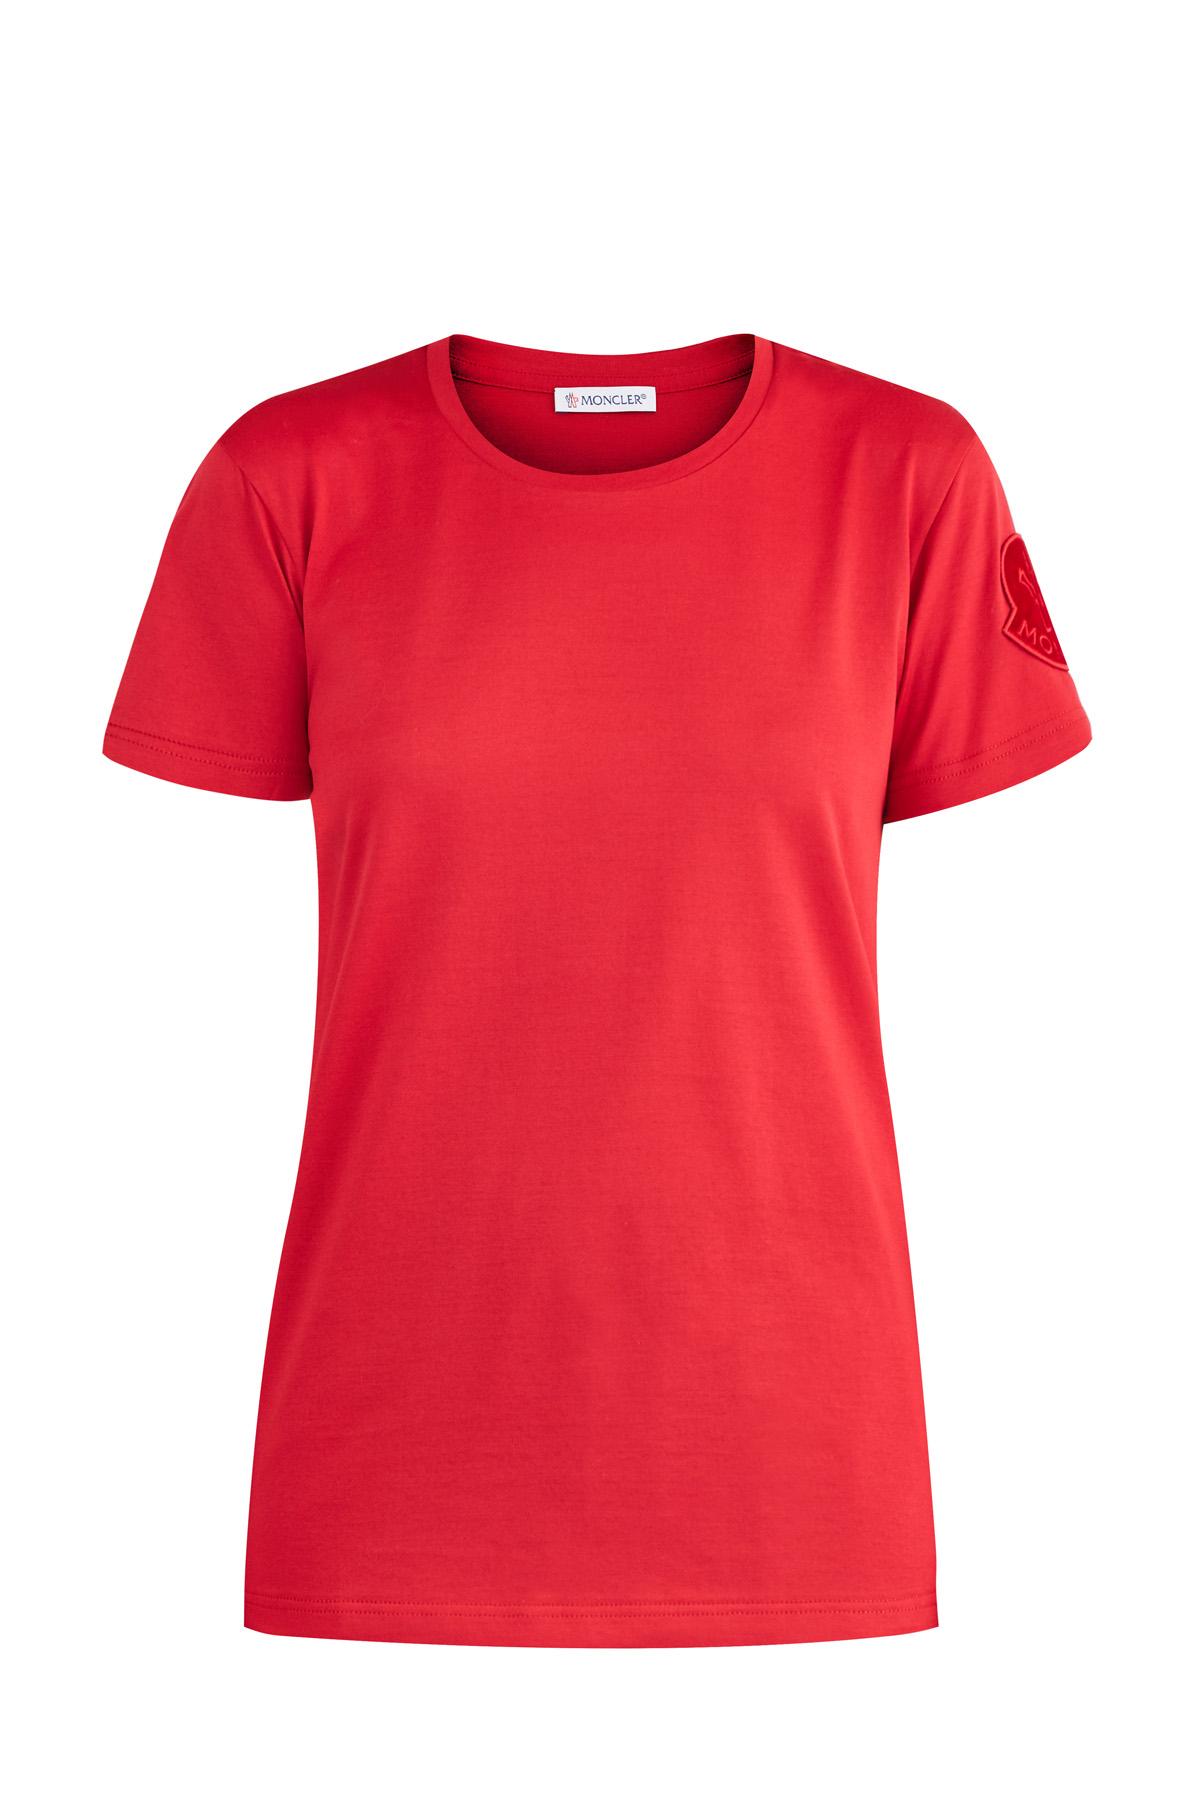 Купить со скидкой Яркая футболка с фактурной нашивкой в тон в виде логотипа на плече